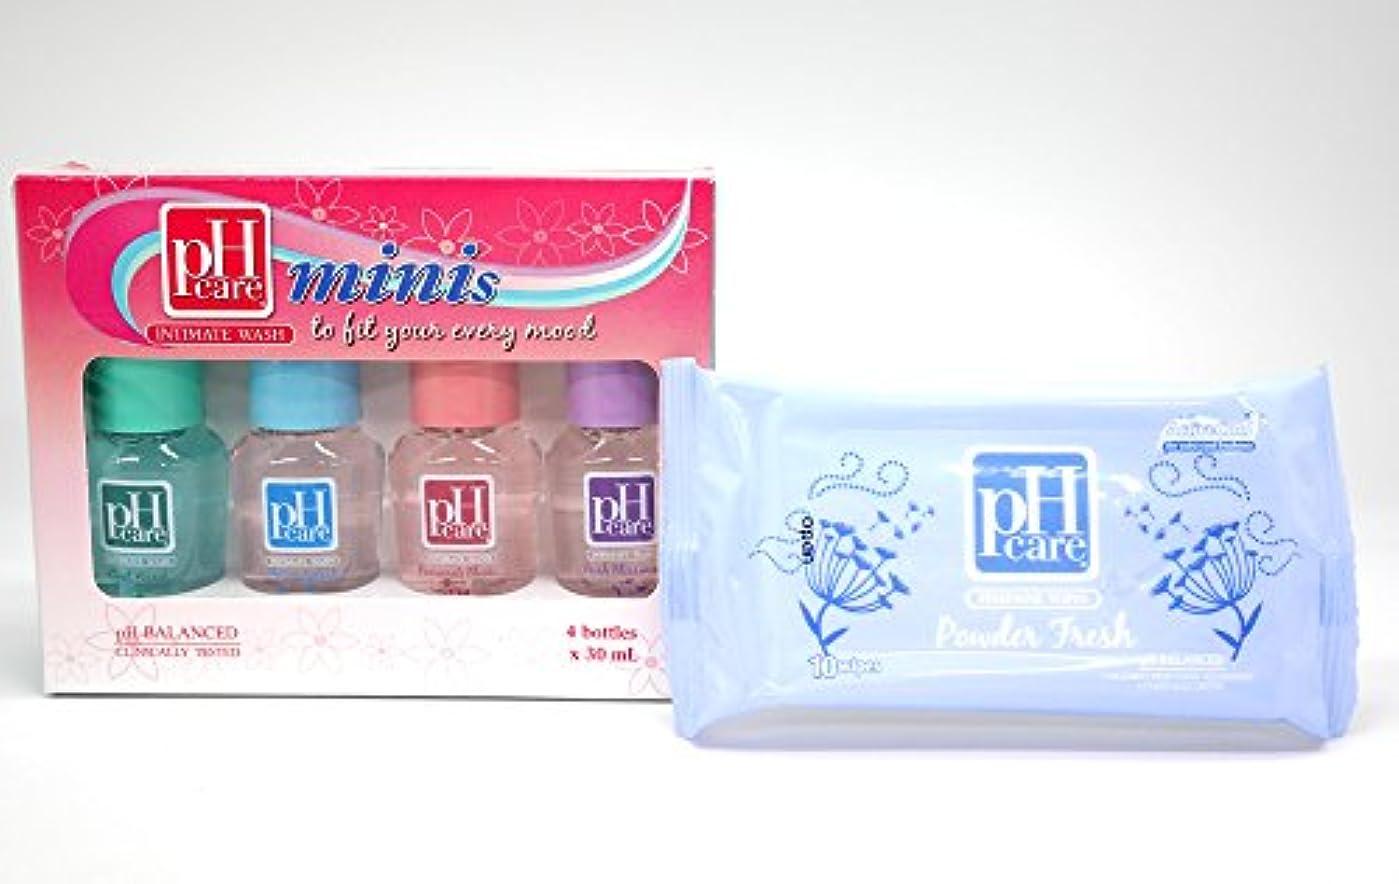 ホバー病者原稿(ピーエイチケア)pHcare フェミニンウォッシュ (ミニボトル4本 + シート(パウダーフレッシュ))